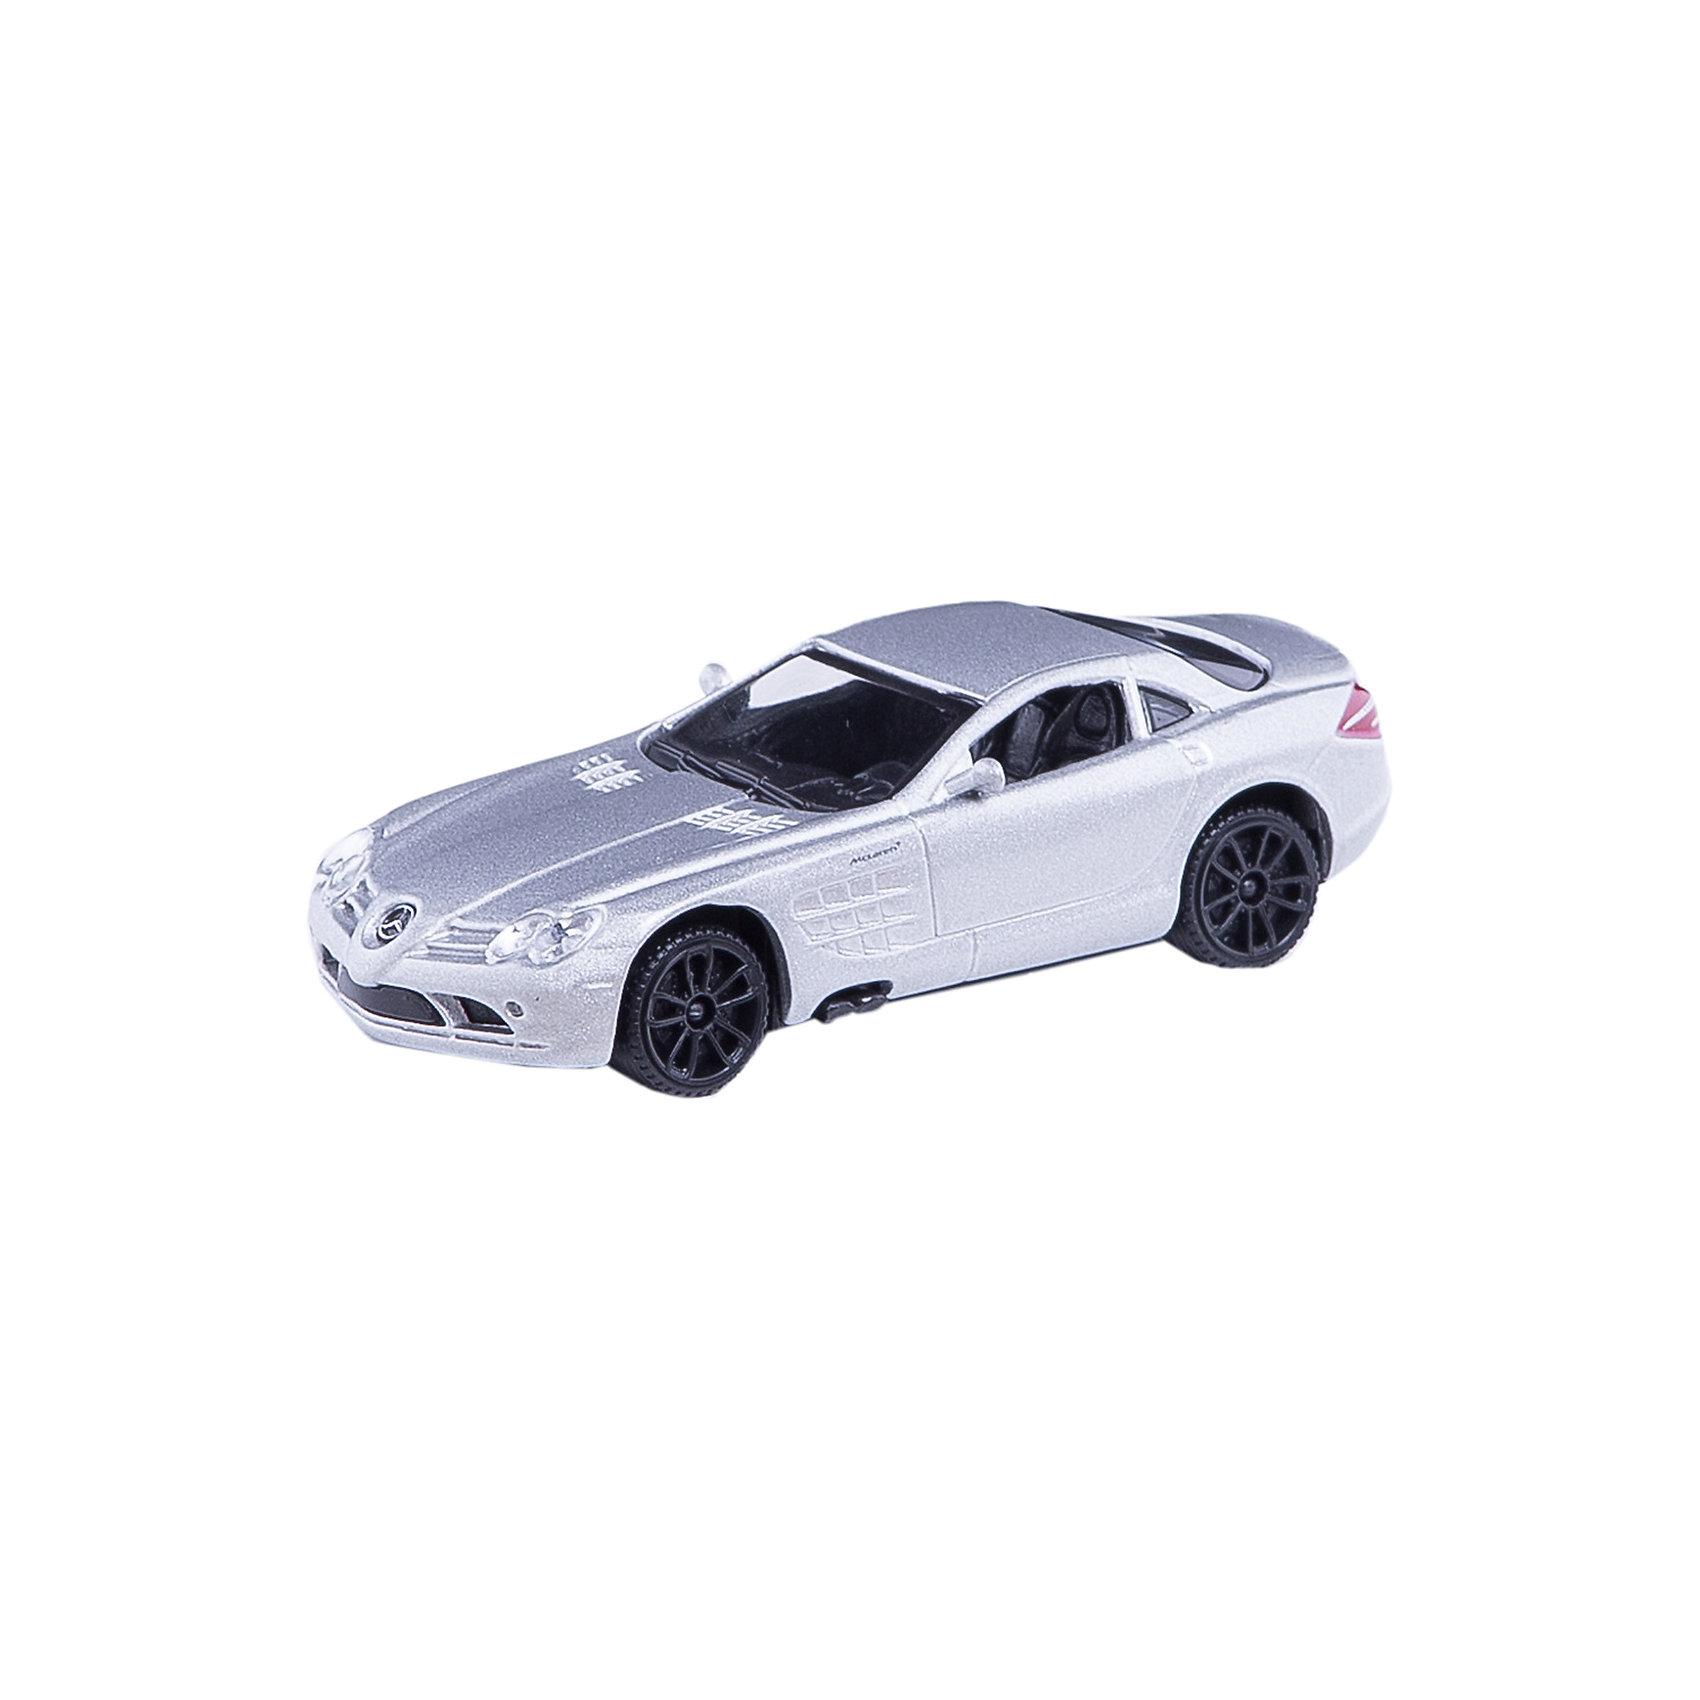 Машинка Mercedes-Benz SLR Mclaren 1:43, AutotimeМашинки<br>Характеристики товара:<br><br>• цвет: в ассортименте<br>• возраст: от 3 лет<br>• материал: металл, пластик<br>• масштаб: 1:43<br>• колеса вращаются<br>• размер упаковки: 16х6х7 см<br>• вес с упаковкой: 100 г<br>• страна бренда: Россия, Китай<br>• страна изготовитель: Китай<br><br>Такая машинка представляет собой миниатюрную копию реально существующей модели. Она отличается высокой детализацией, является коллекционной моделью. <br><br>Сделана машинка из прочного и безопасного материала. Корпус - из металла. Благодаря прозрачным стеклам виден подробно проработанный салон.<br><br>Машинку «Mercedes-Benz SLR Mclaren» 1:43, Autotime (Автотайм) можно купить в нашем интернет-магазине.<br><br>Ширина мм: 165<br>Глубина мм: 57<br>Высота мм: 75<br>Вес г: 13<br>Возраст от месяцев: 36<br>Возраст до месяцев: 2147483647<br>Пол: Мужской<br>Возраст: Детский<br>SKU: 5584101